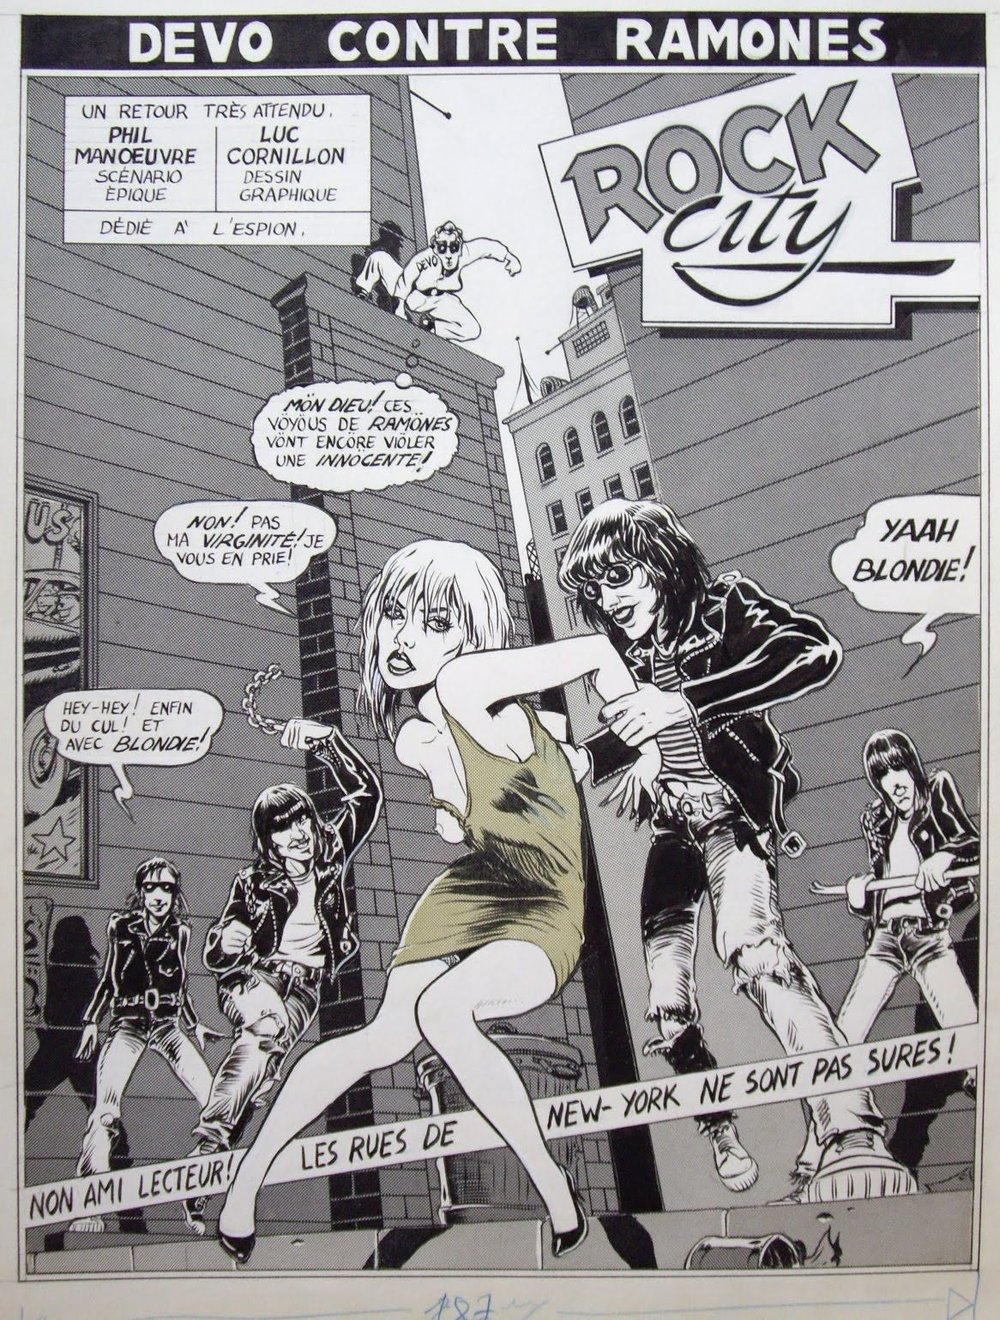 Versión francesa del cómic de Luc Cornillon,  Devo contre Ramones («Especial Rock», número 45, el 39 de la edición inglesa, de  Métal Hurlant,  10  octubre de 1979)